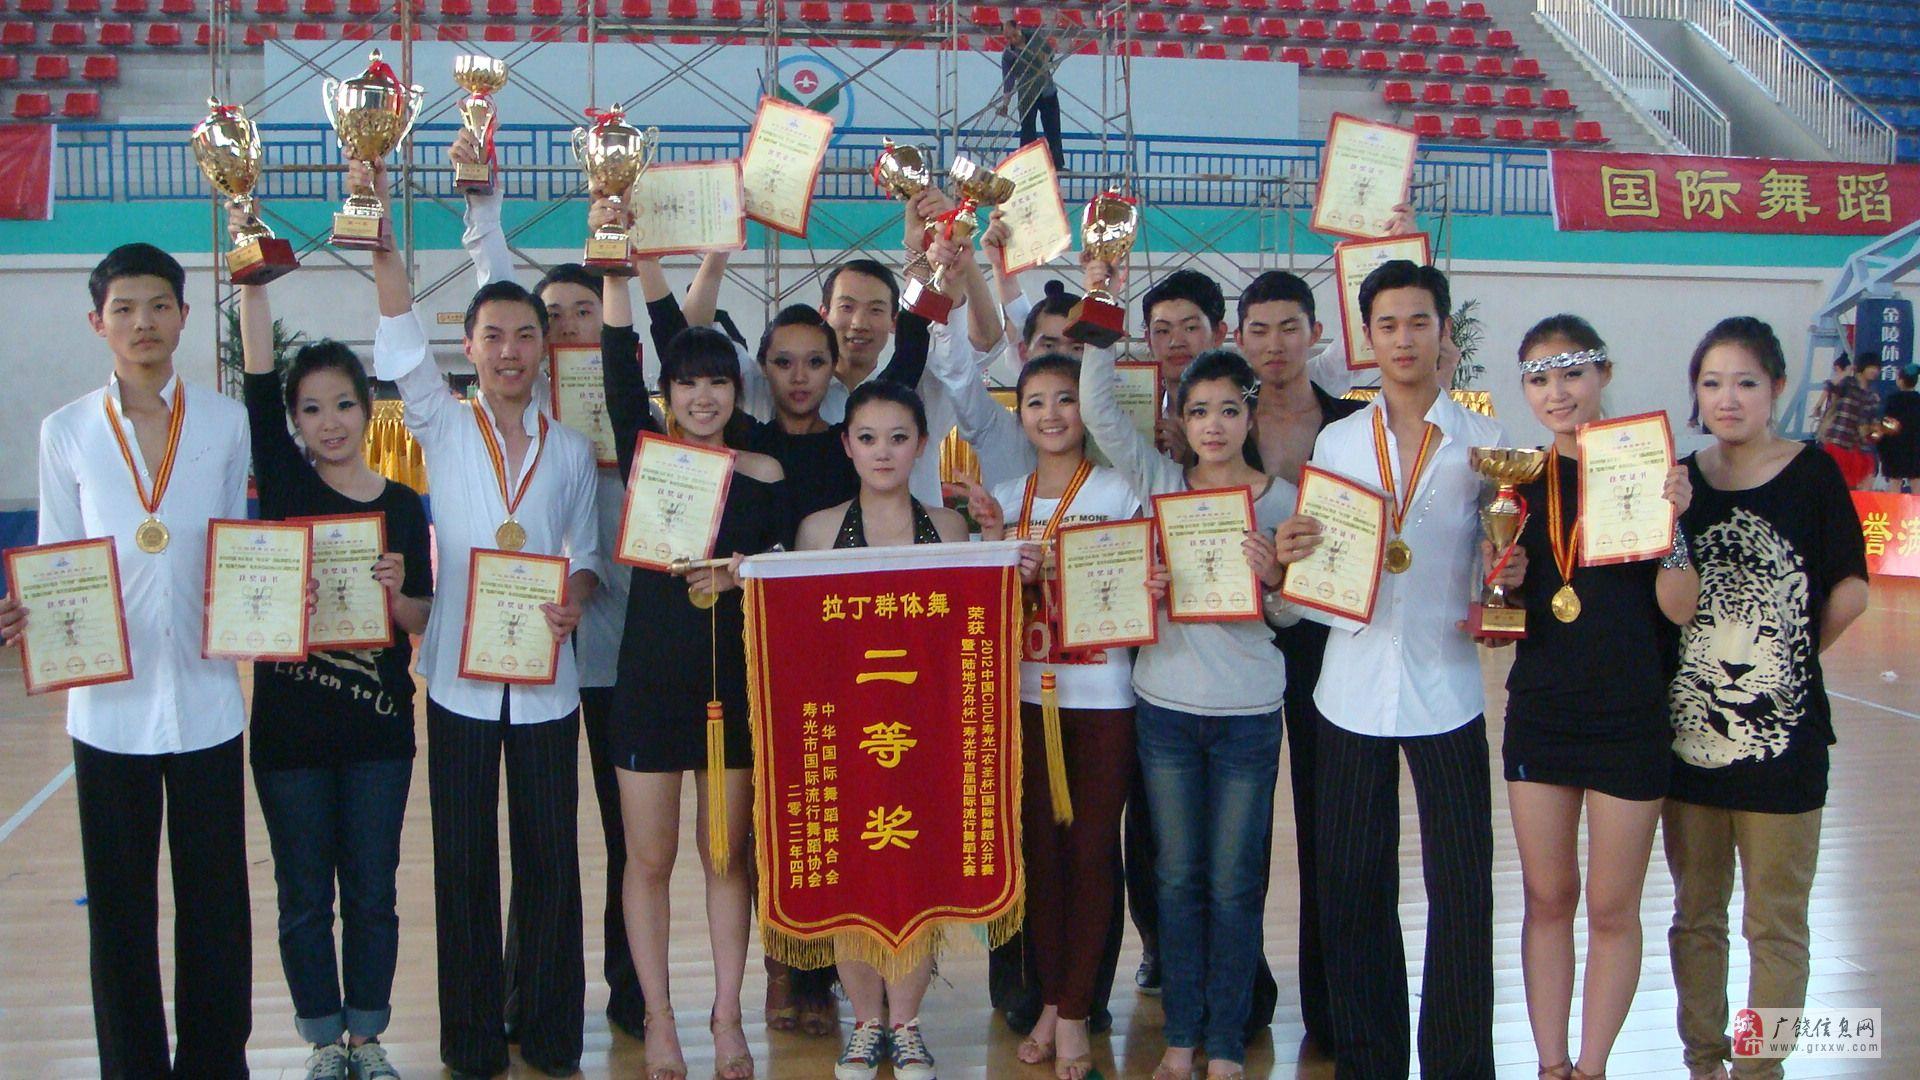 澳门银河娱乐官方网址云逸舞蹈学校体育舞蹈中考特长班开始招生